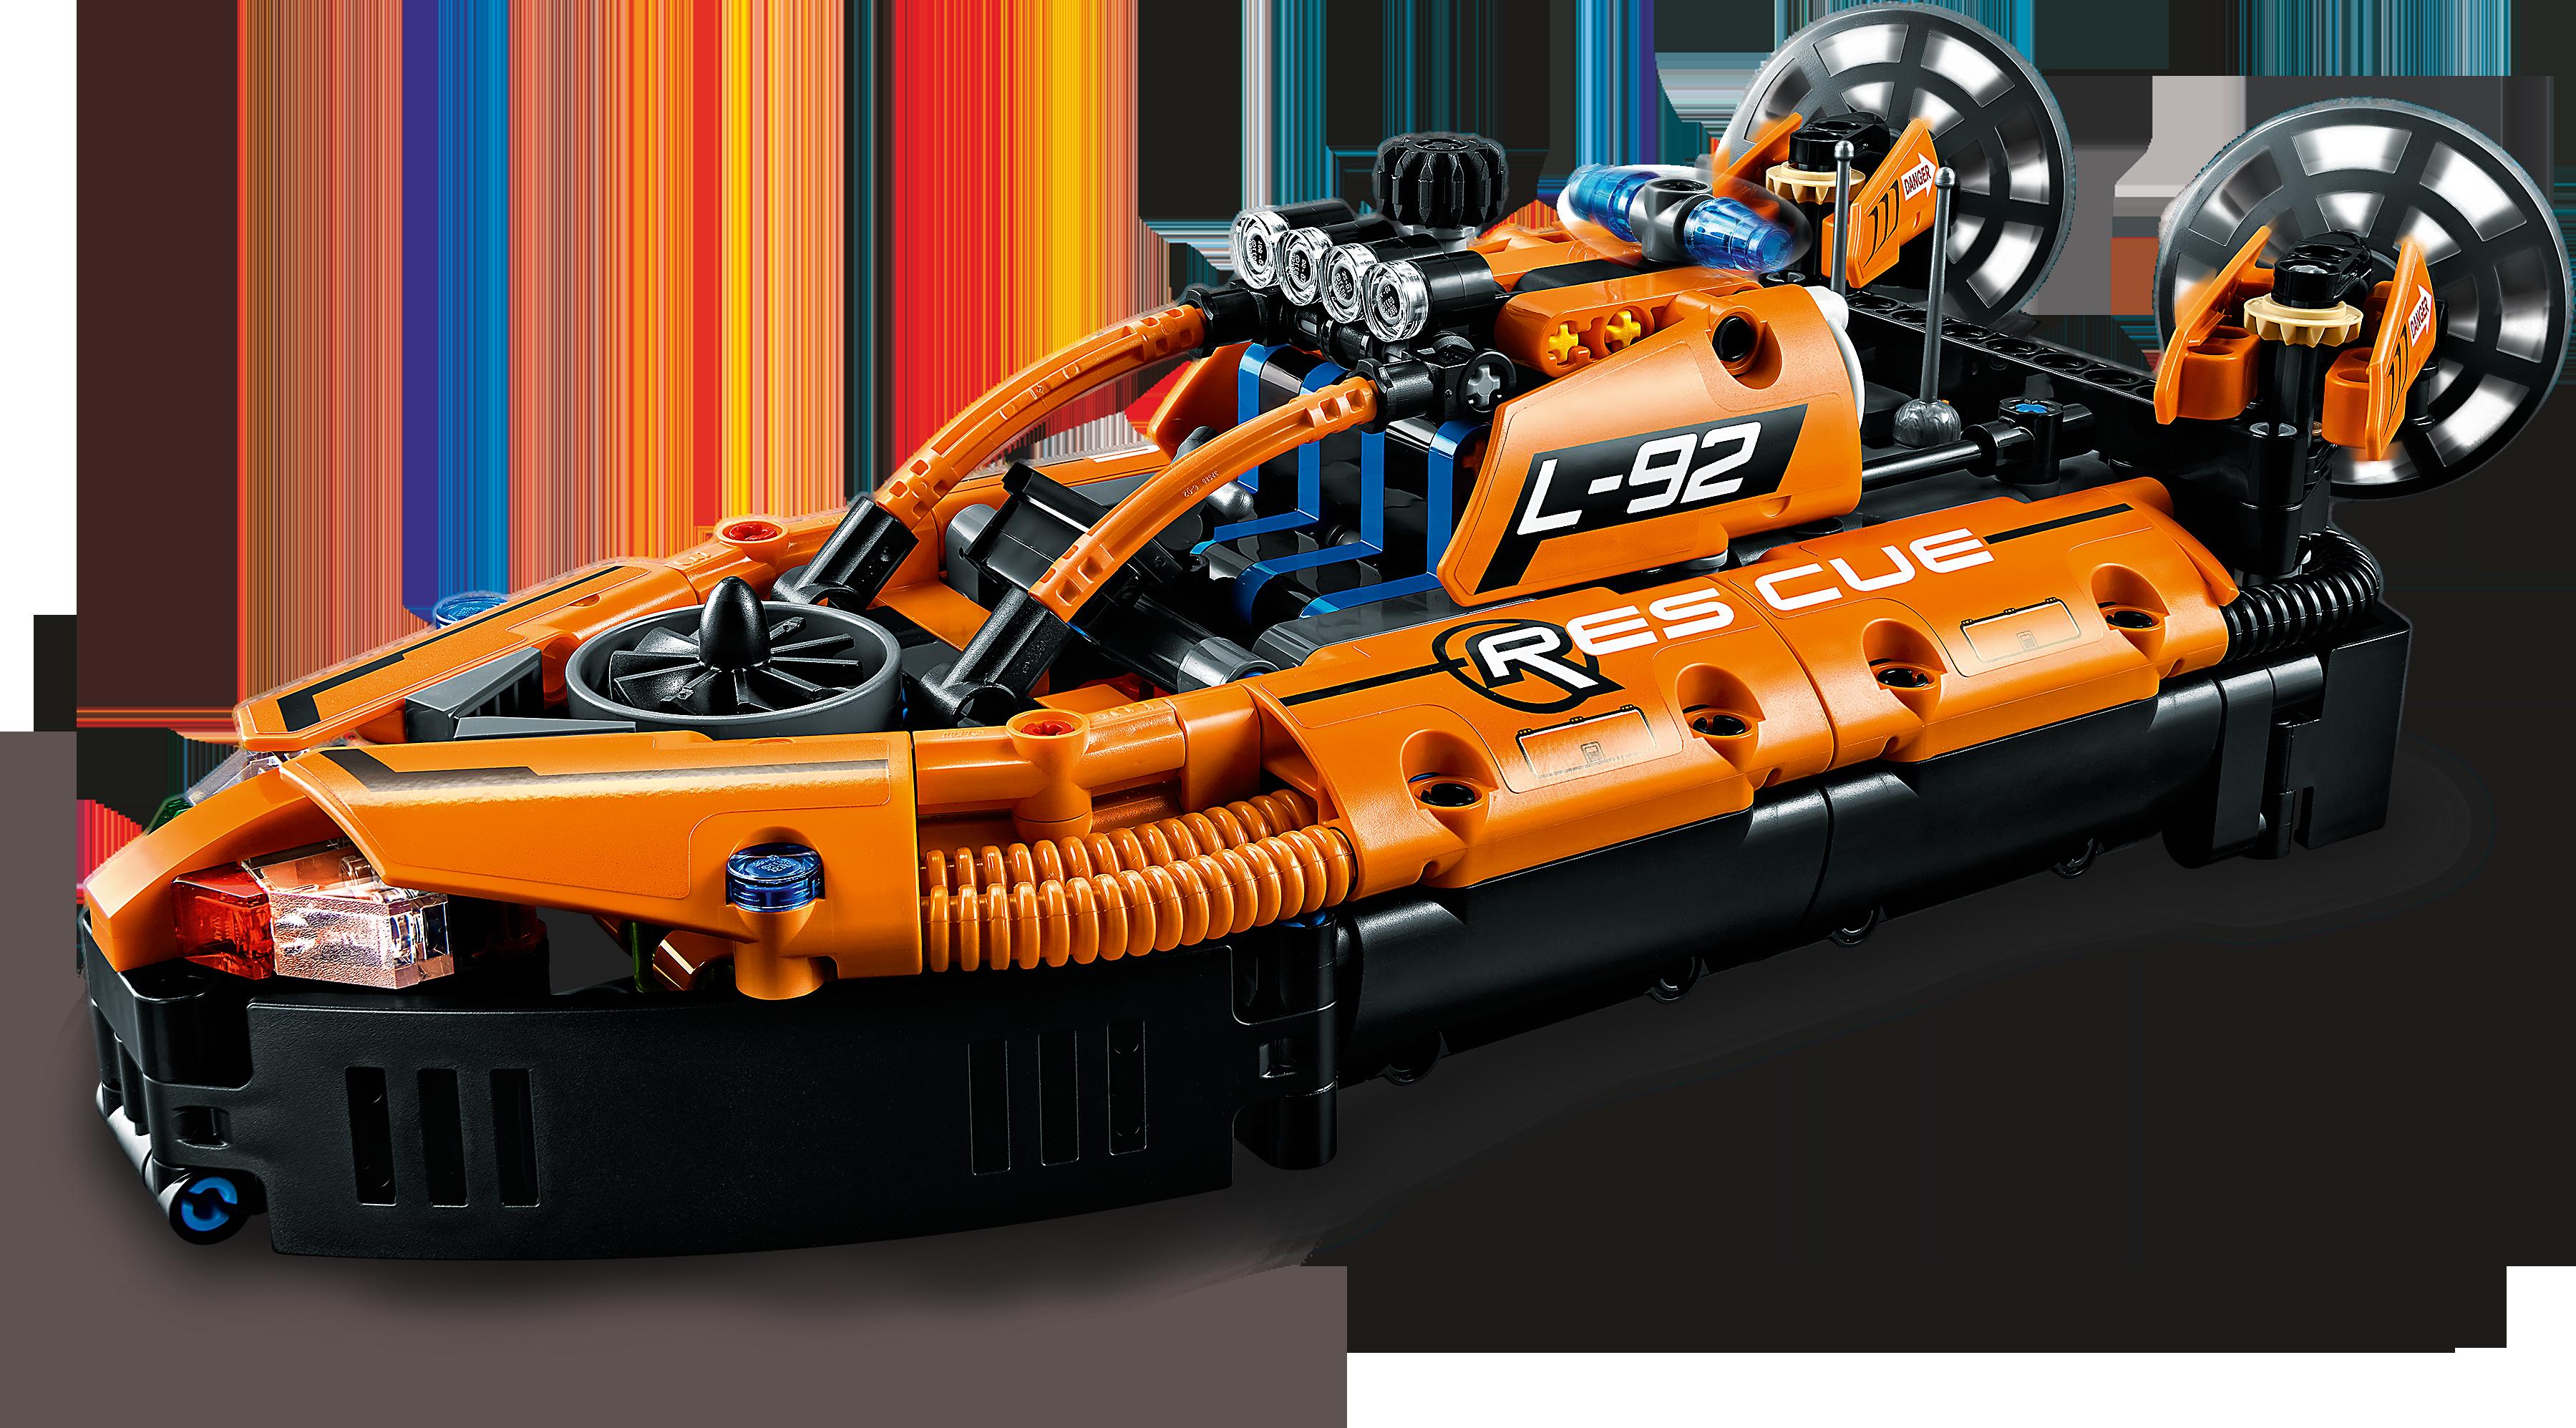 Rescue Hovercraft